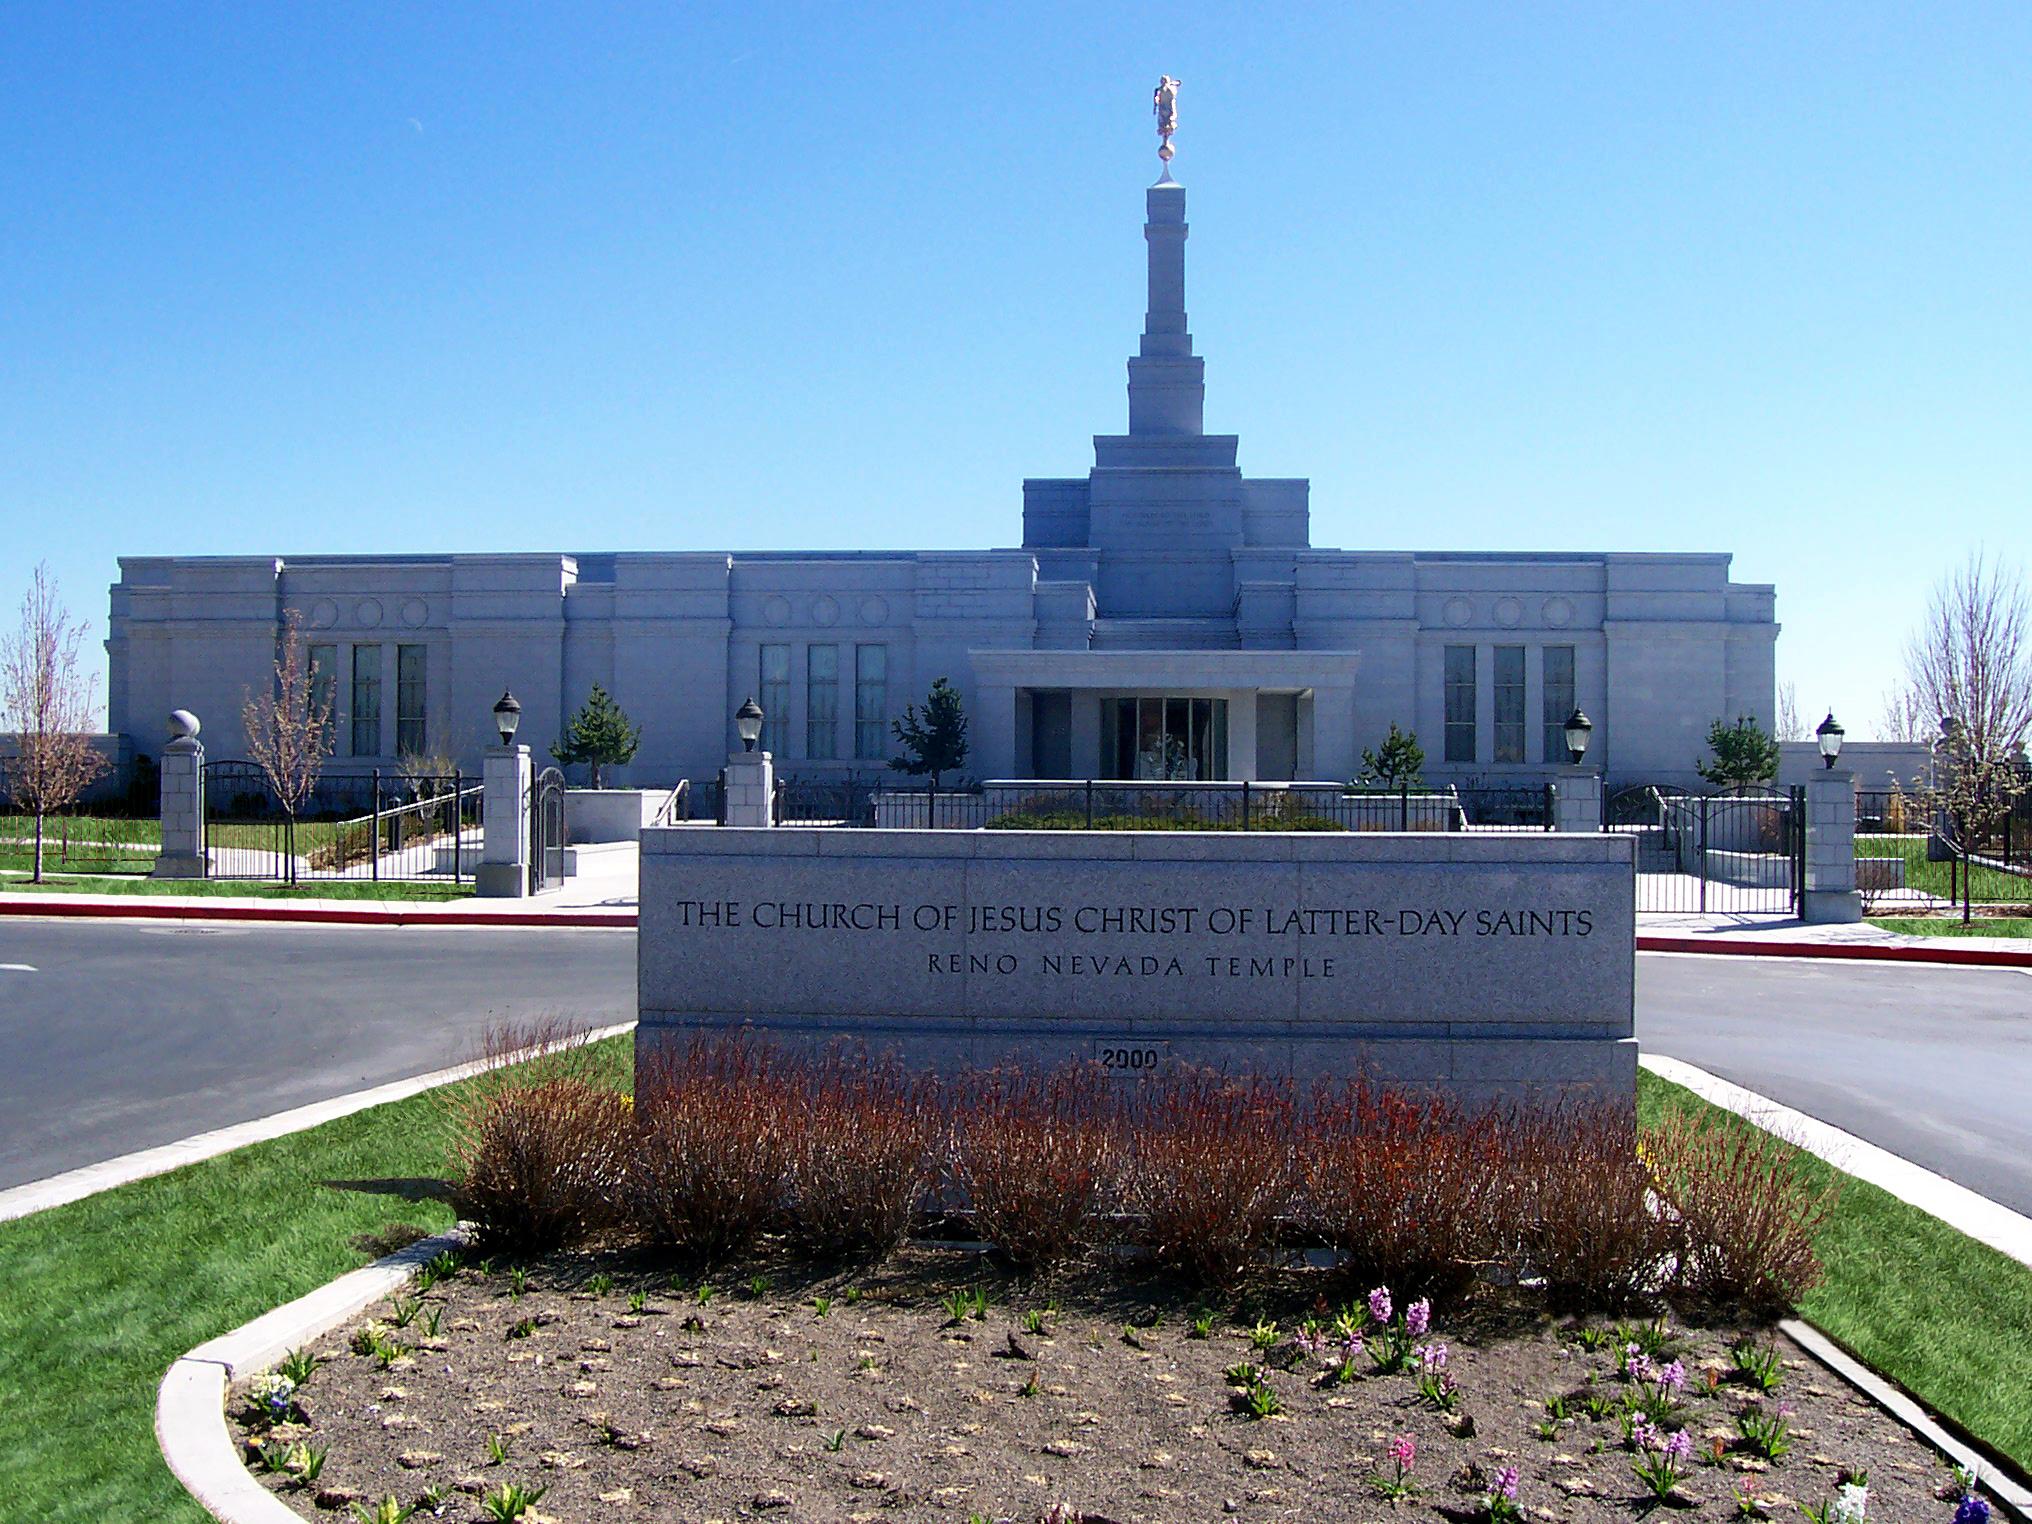 Reno Nevada Temple Wikipedia